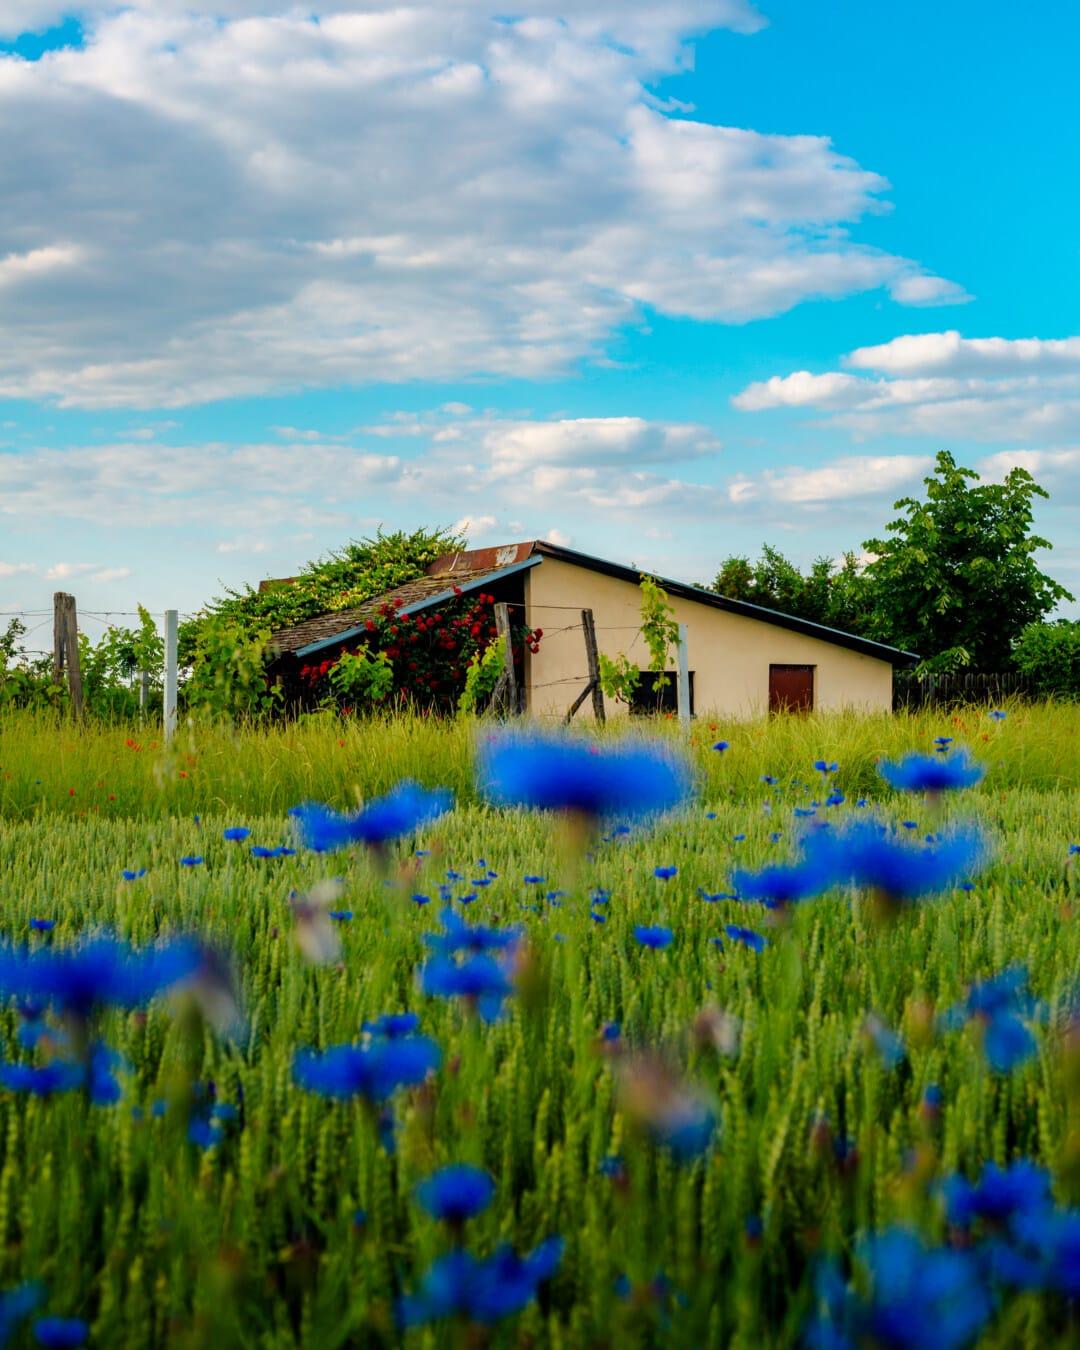 农田, 农舍, 农场, 蓝色, 花, 景观, 性质, 夏天, 草, 植物